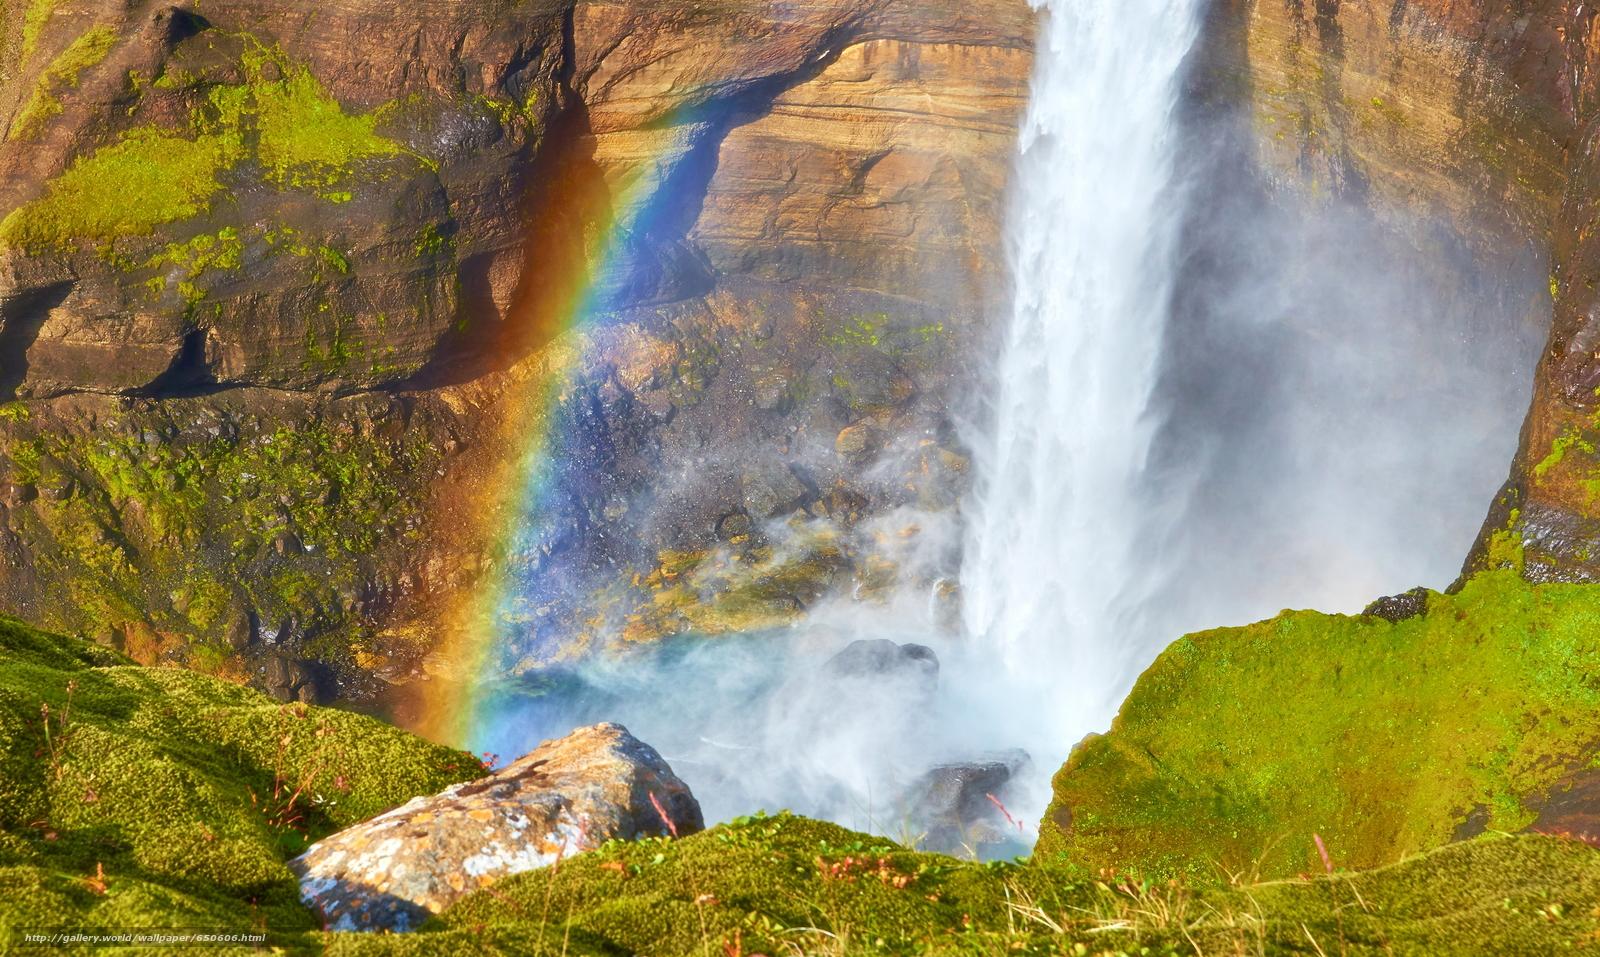 Скачать обои водопад,  радуга,  камни бесплатно для рабочего стола в разрешении 3840x2296 — картинка №650606